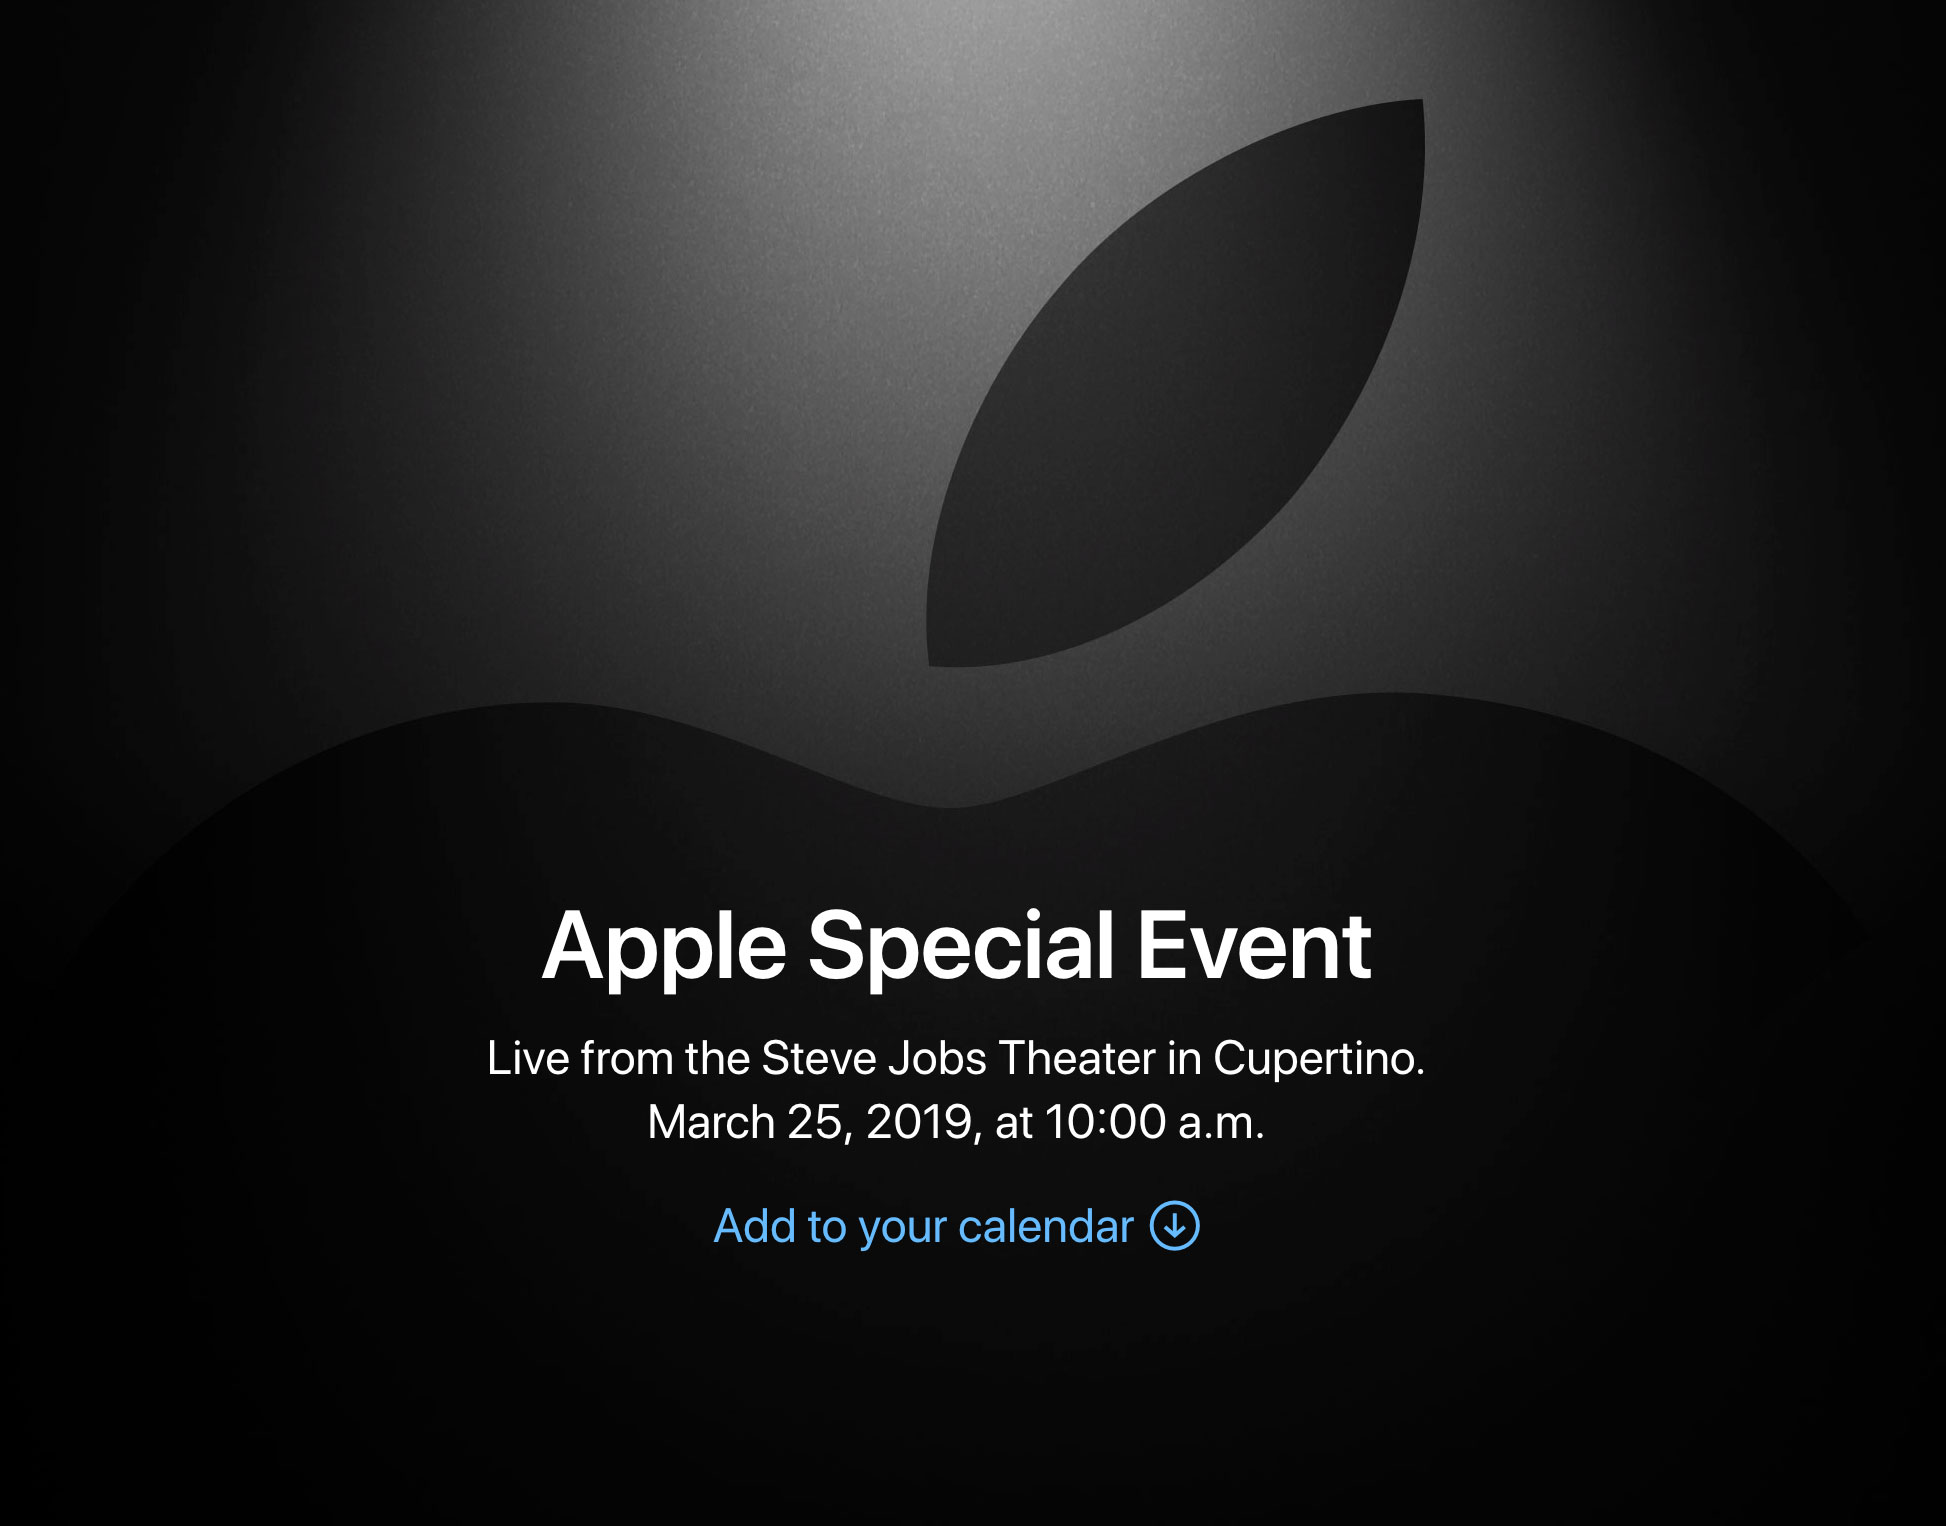 Evento especial de Apple relacionado con el vídeo